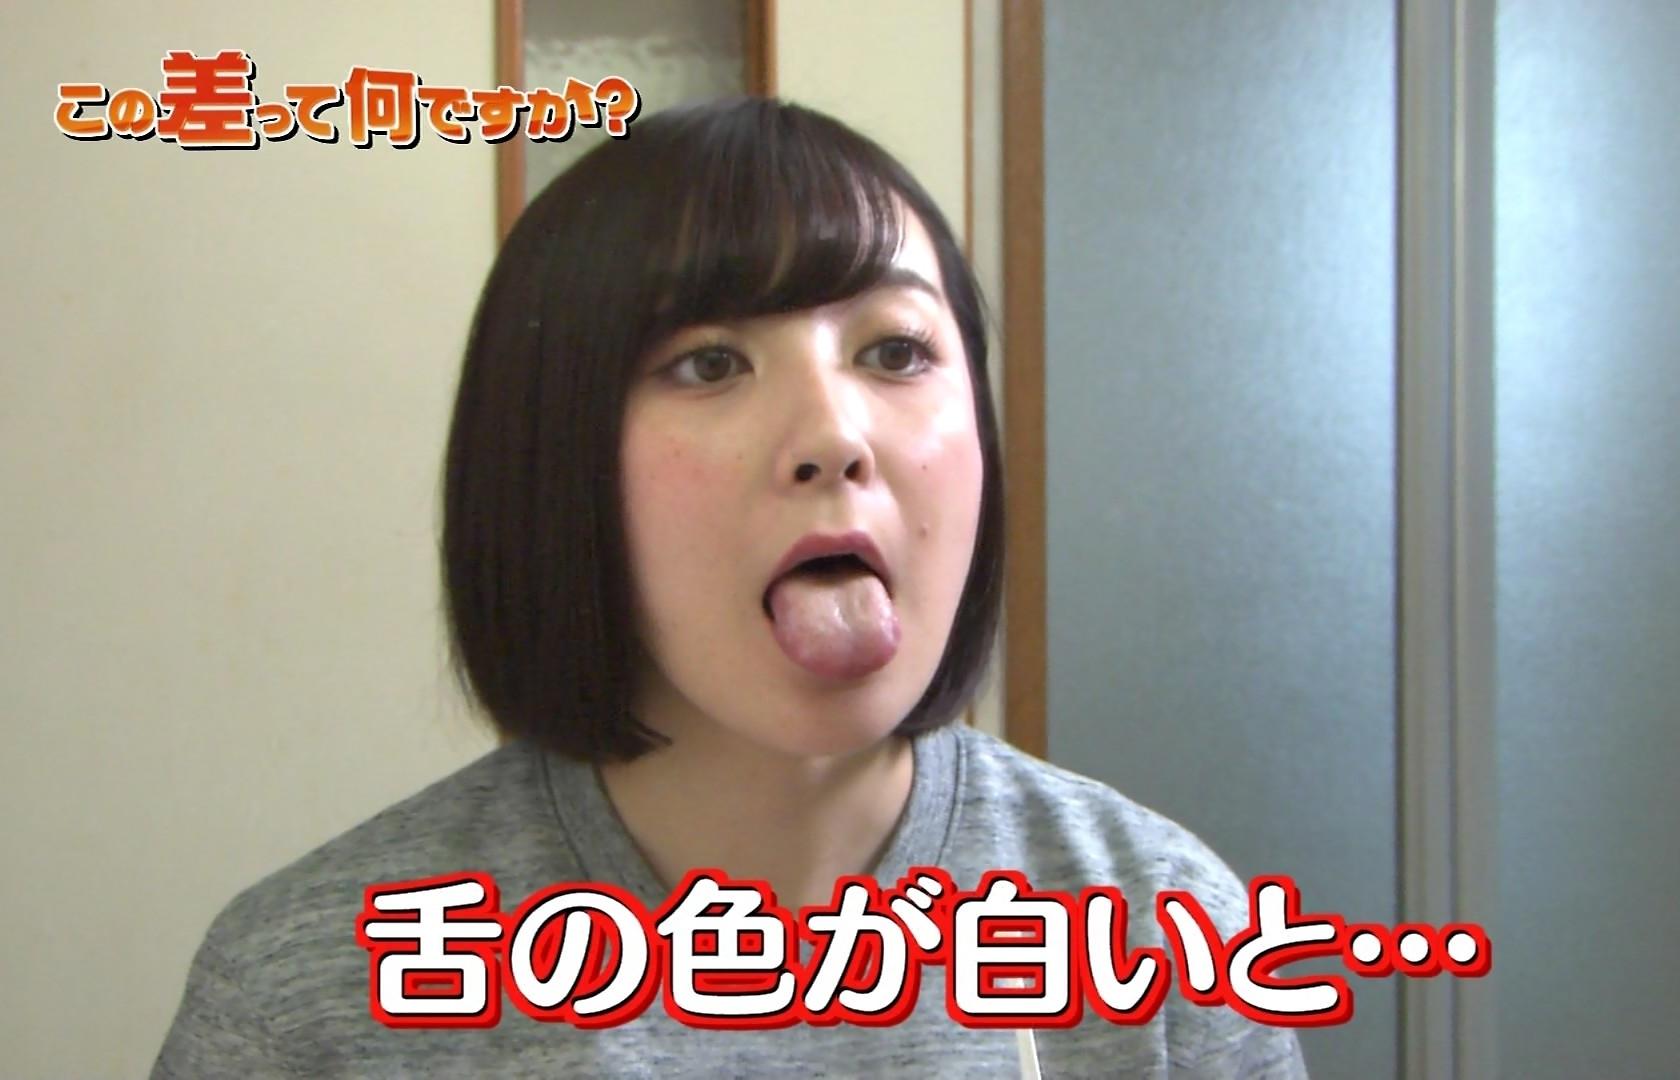 紺野栞の舌出し (1)